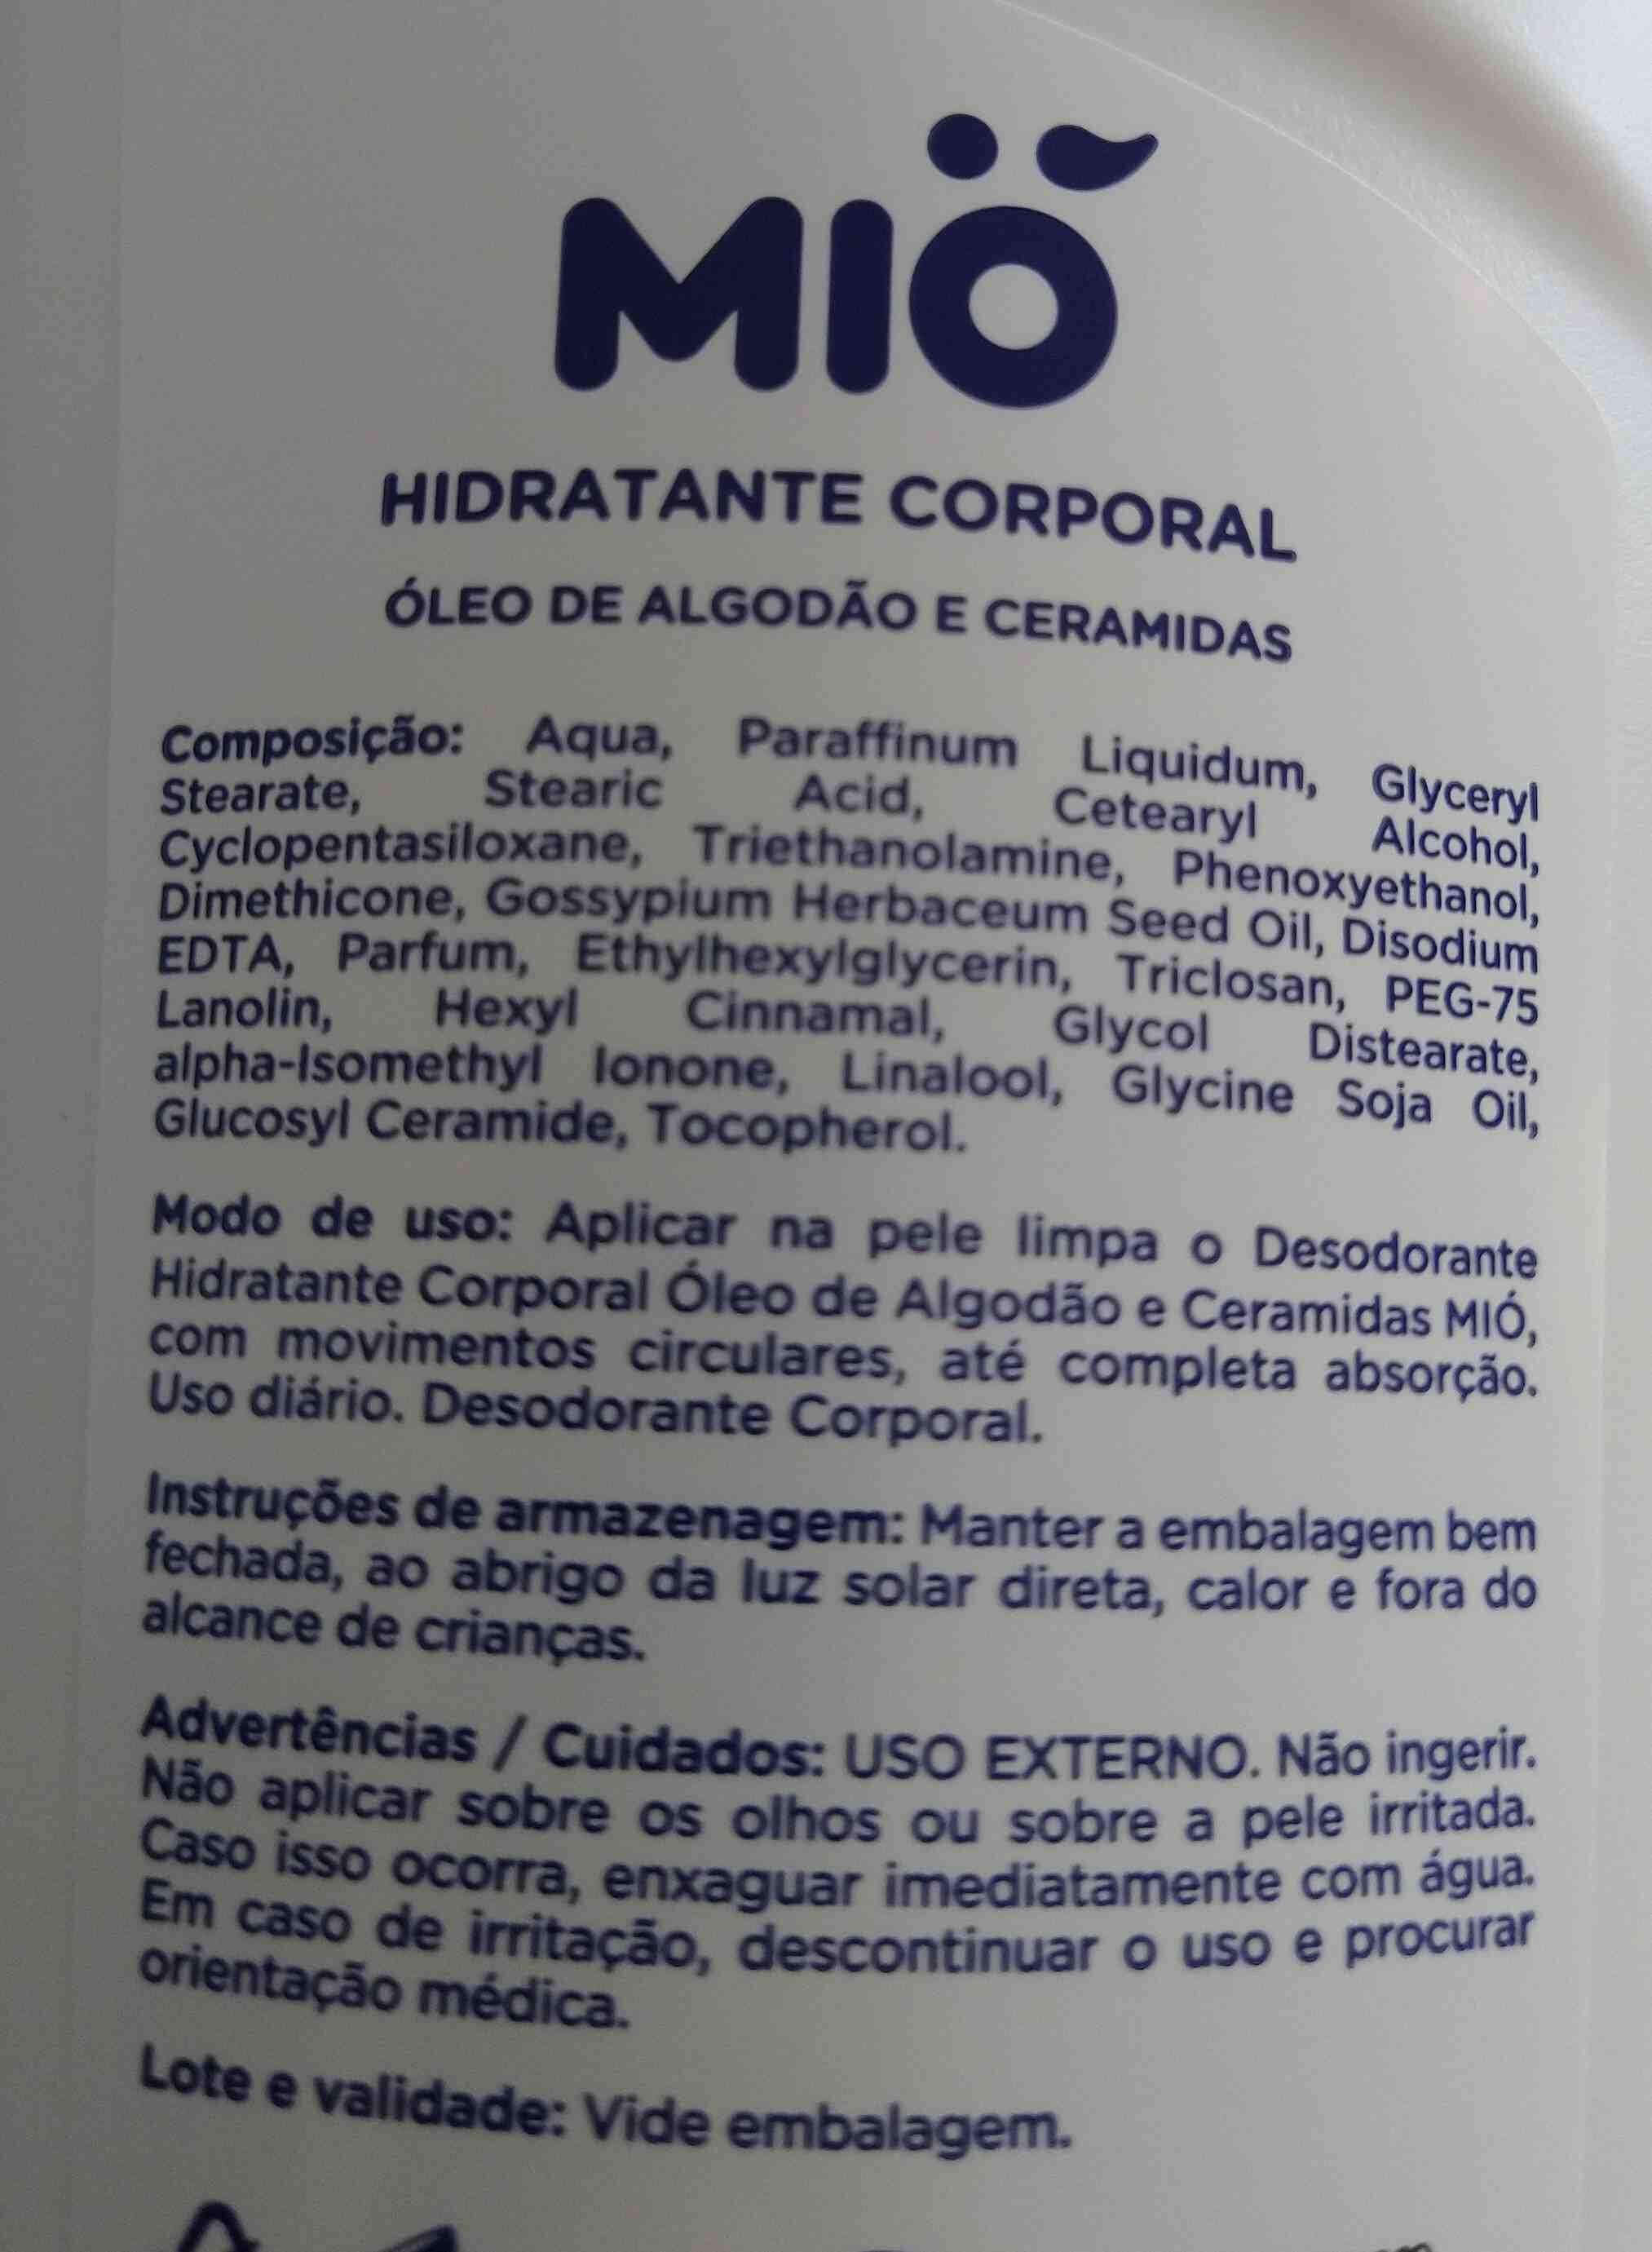 mio hidratante corporal - Ingredients - en